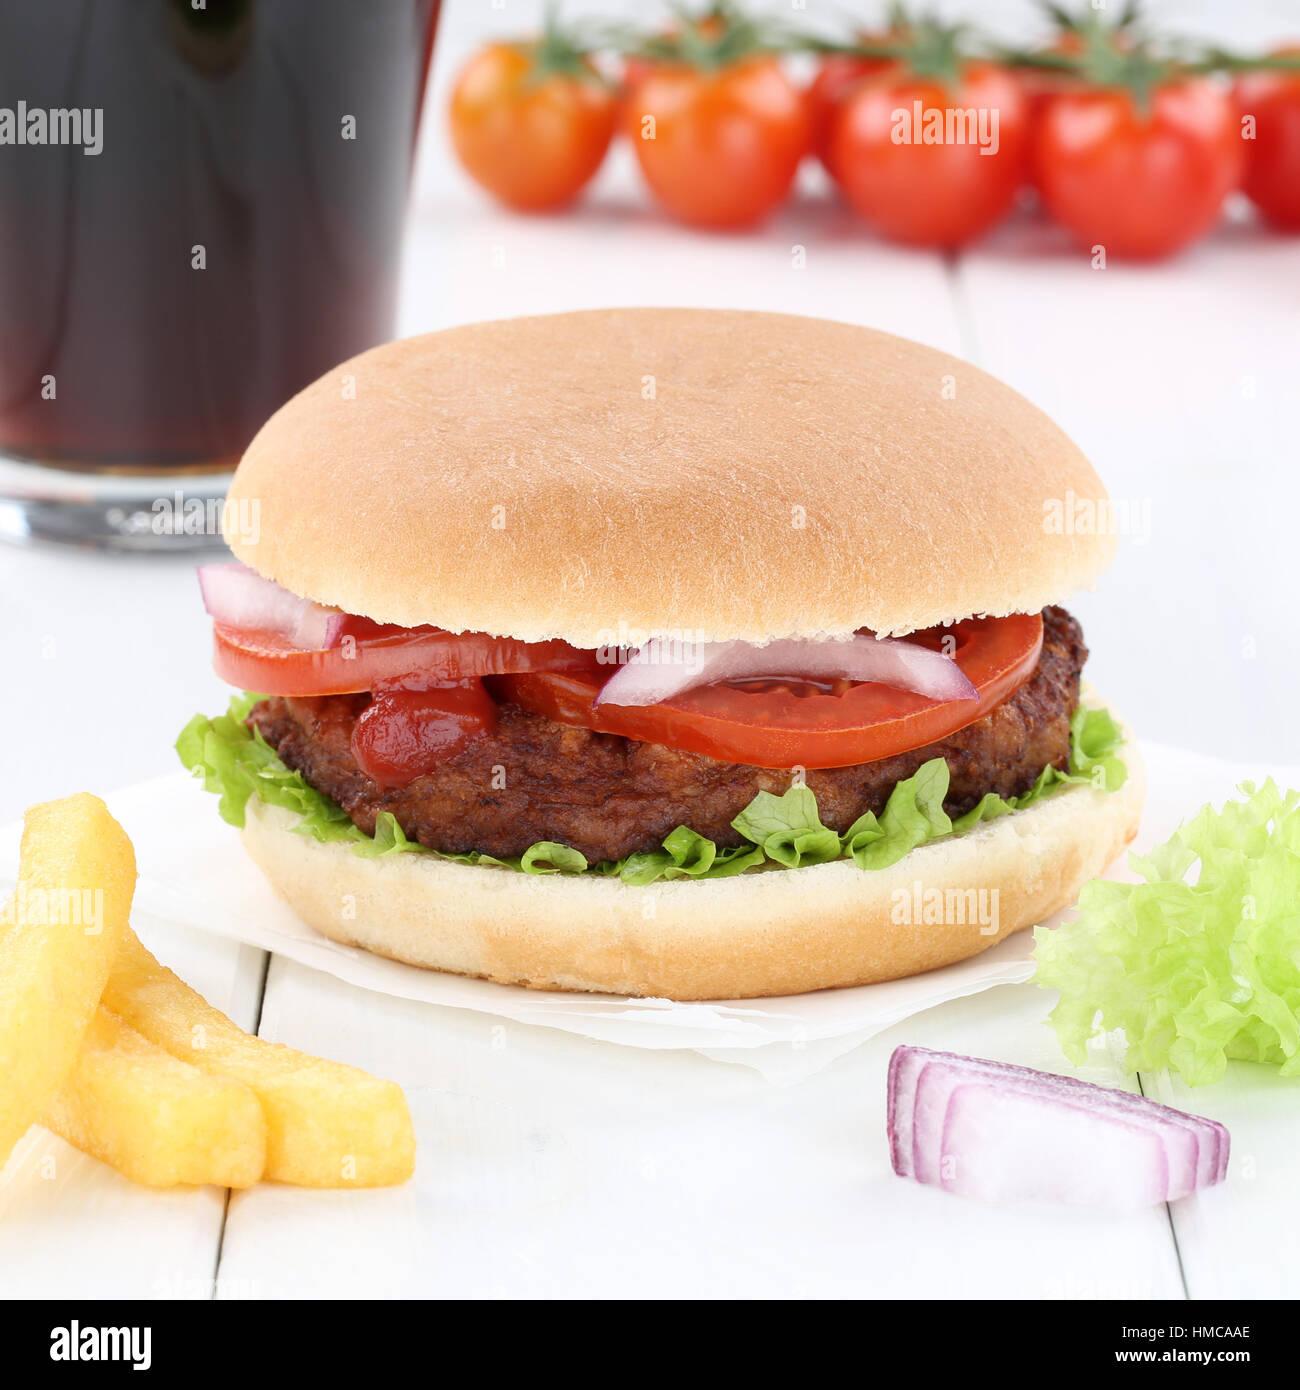 Hamburger burger menu meal combo cola drink fast food Stock Photo